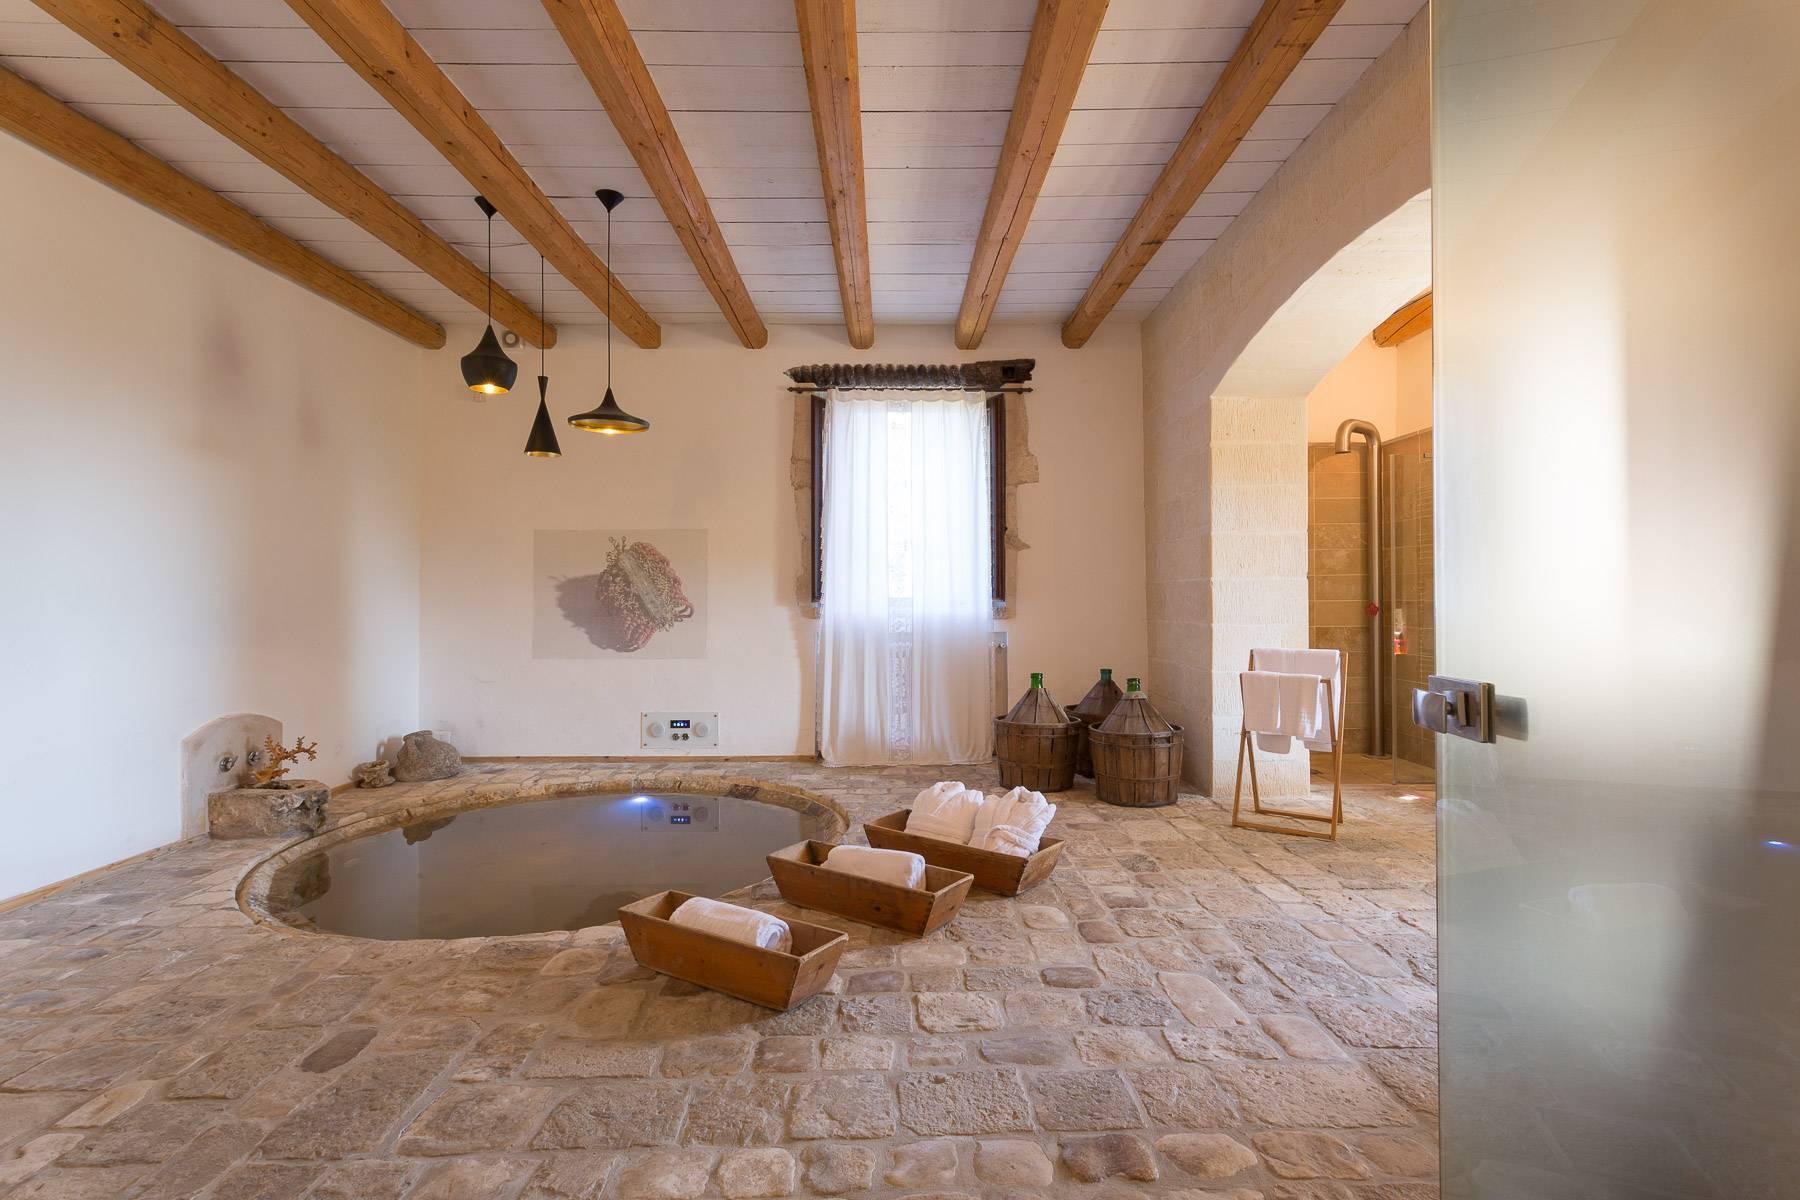 Autentica masseria dal sapore siciliano - 6